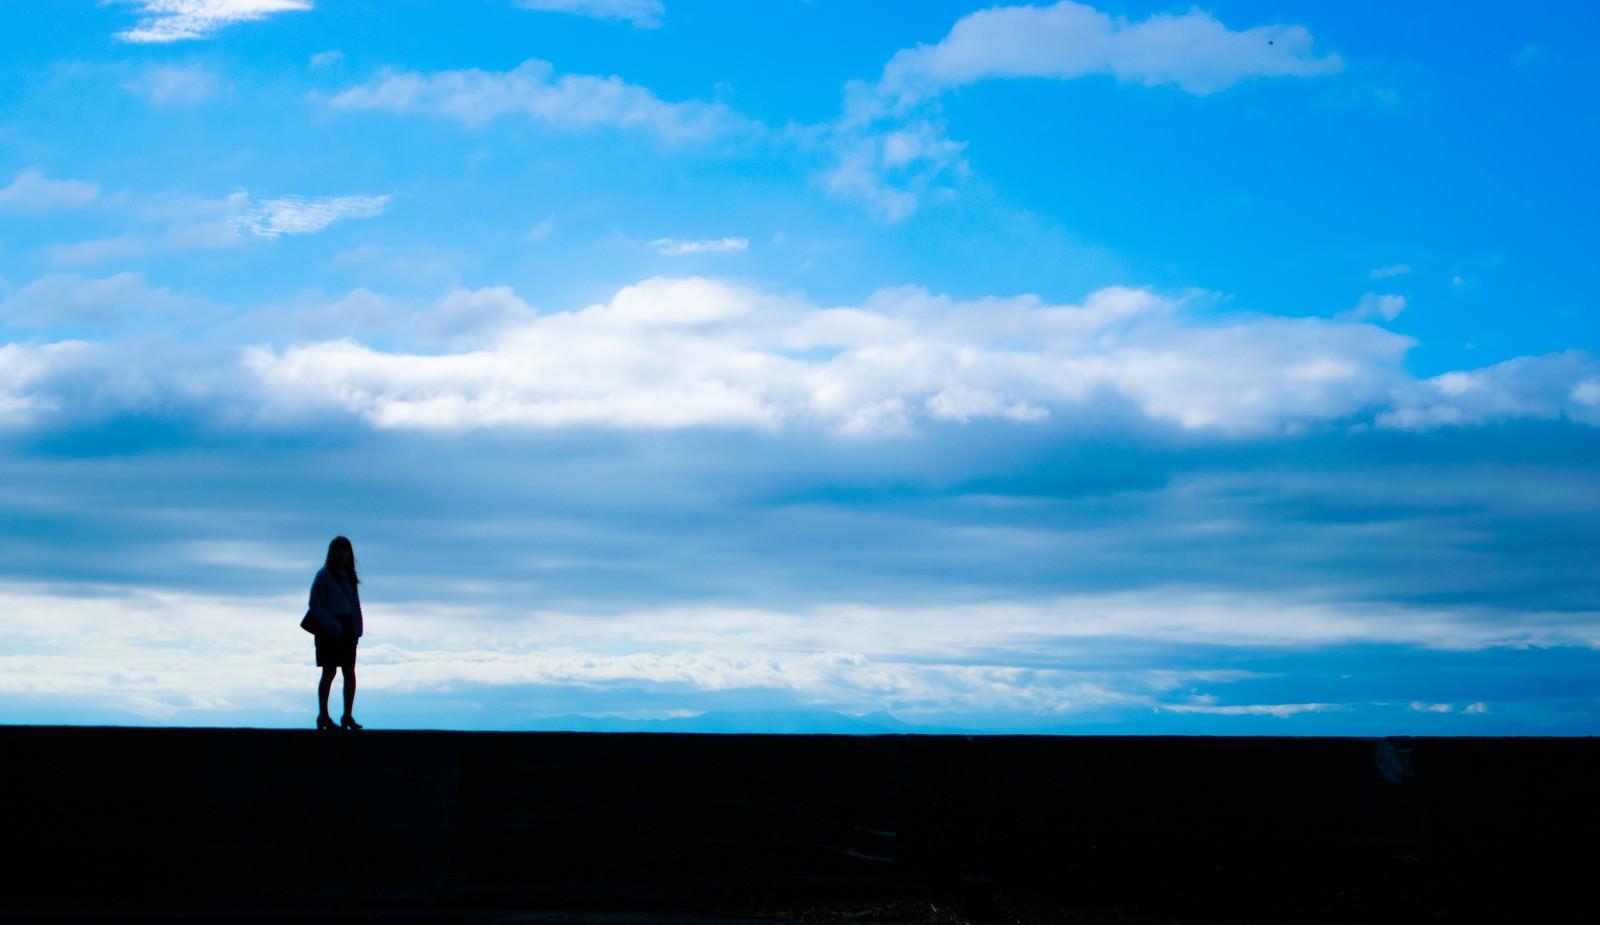 「目の前に広がる青空と女性の後ろ姿(シルエット)目の前に広がる青空と女性の後ろ姿(シルエット)」のフリー写真素材を拡大